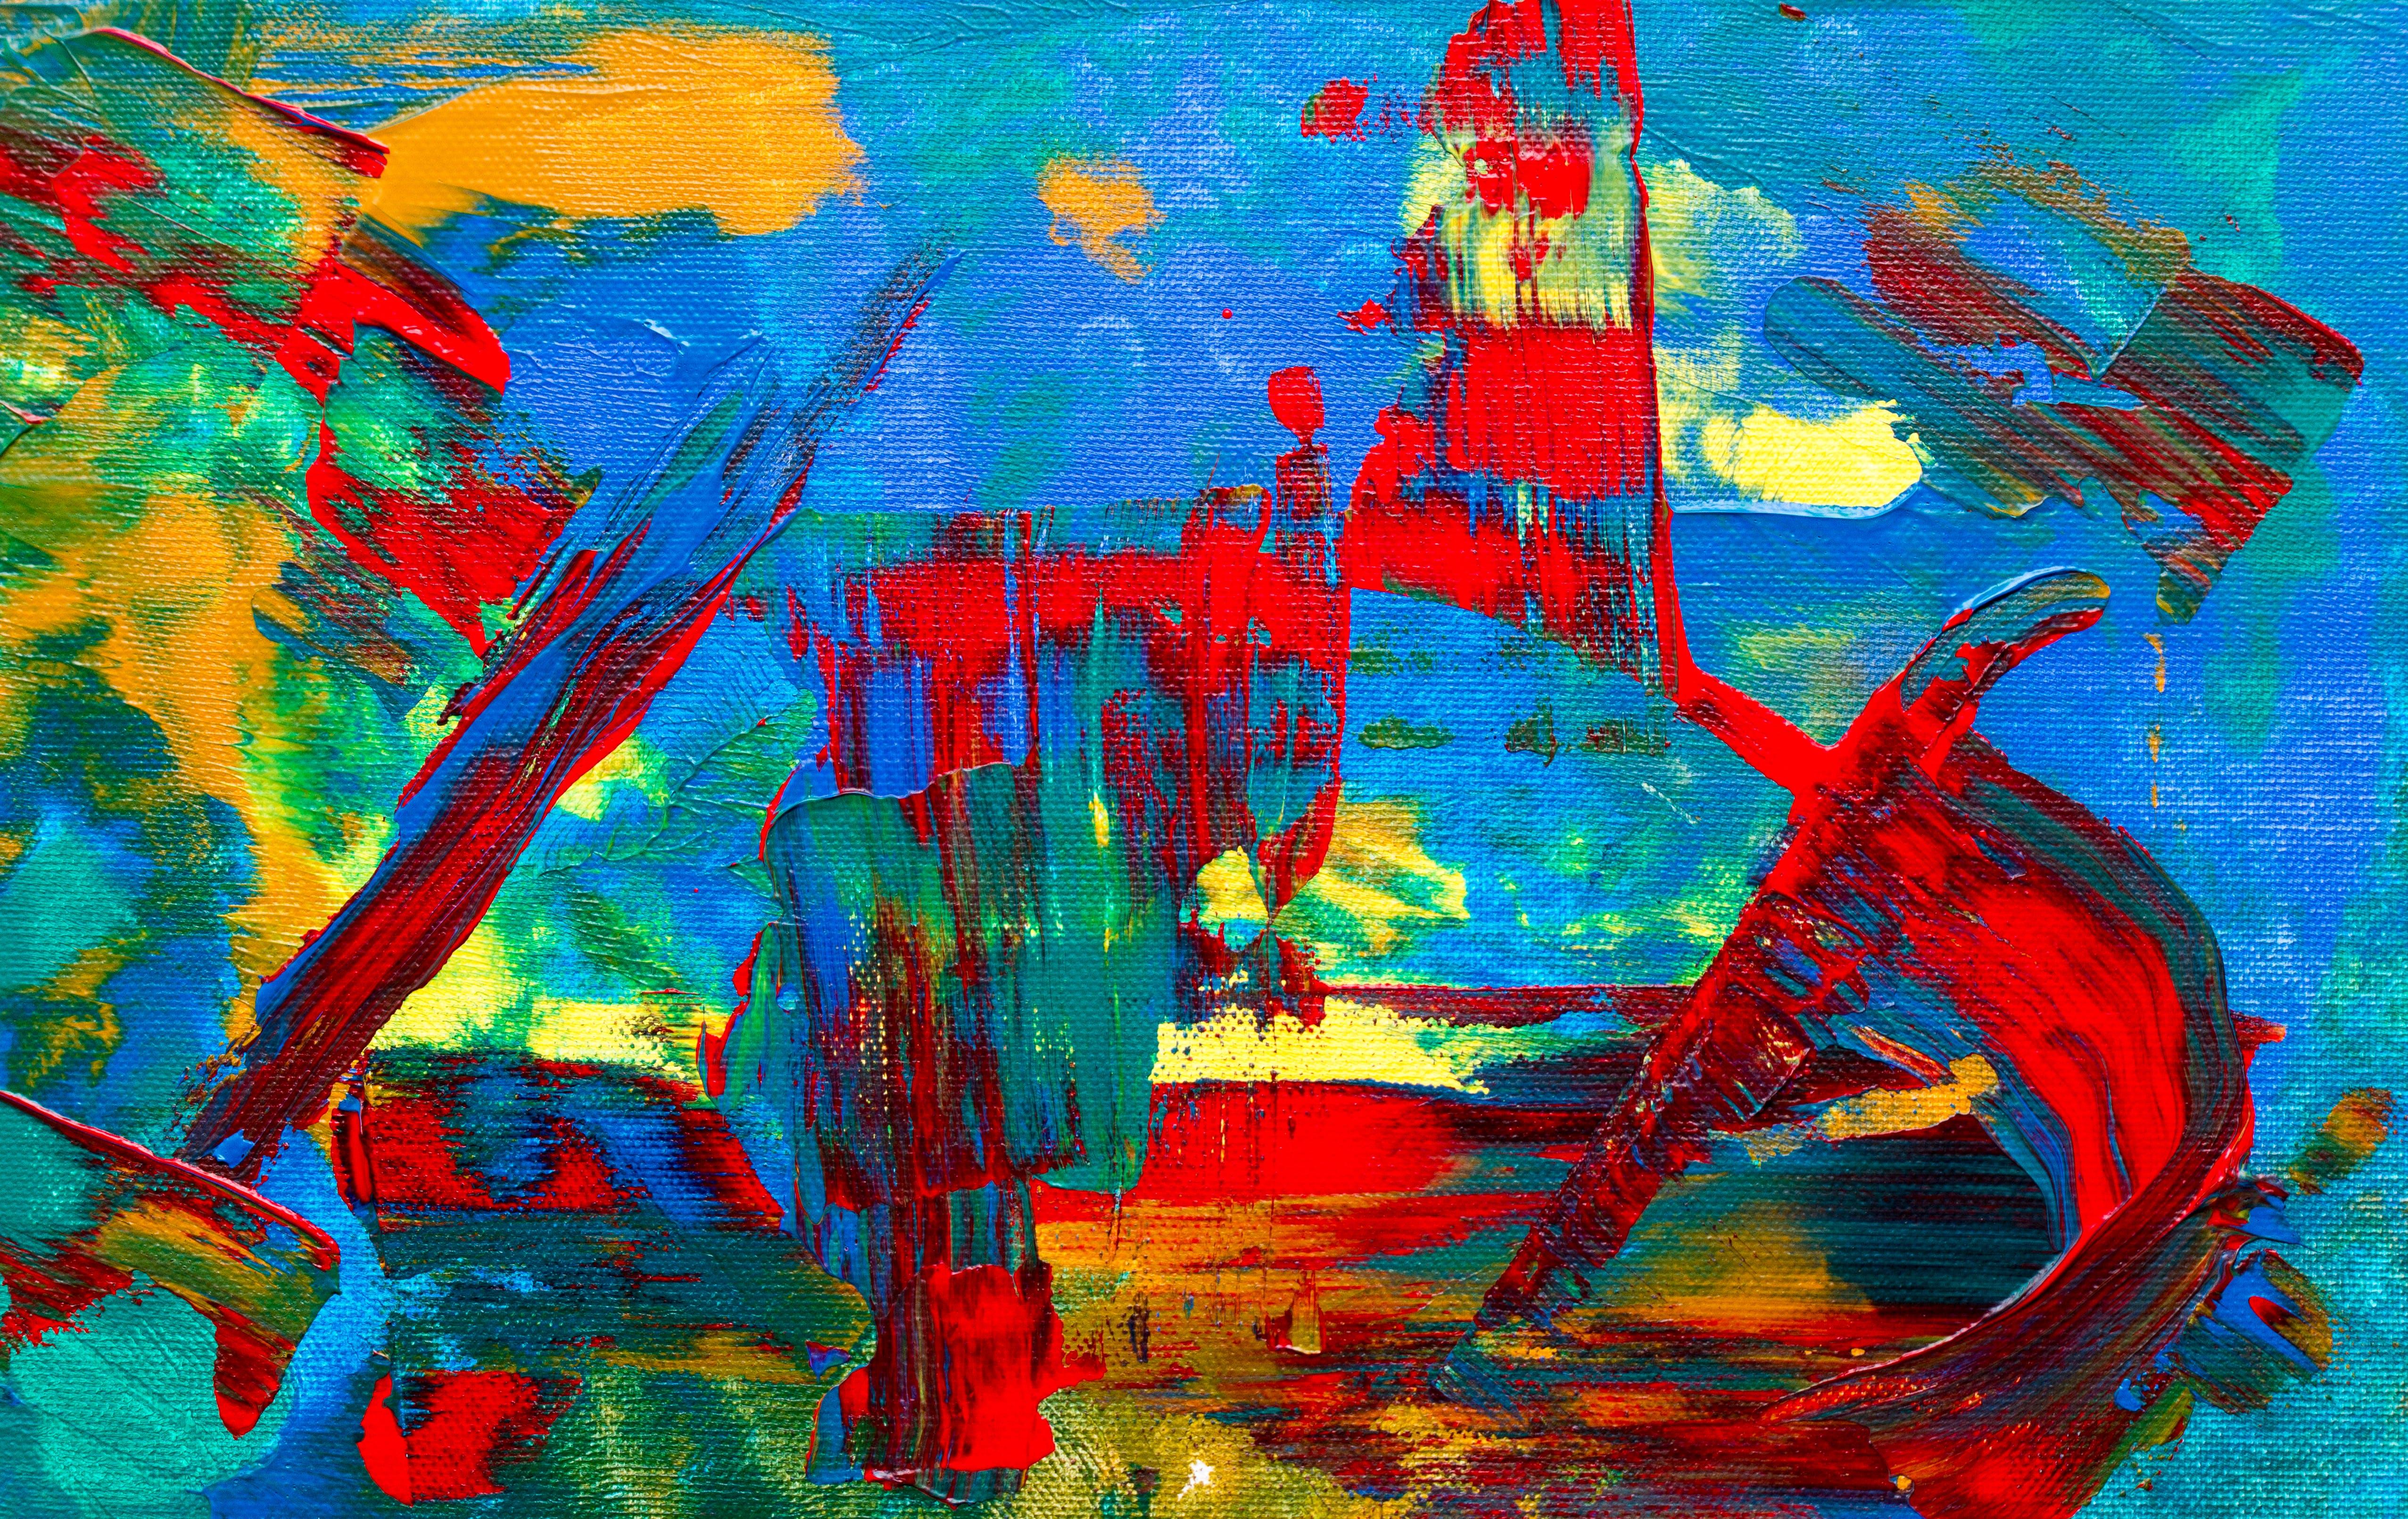 Free stock photo of art, creative, graffiti, pattern